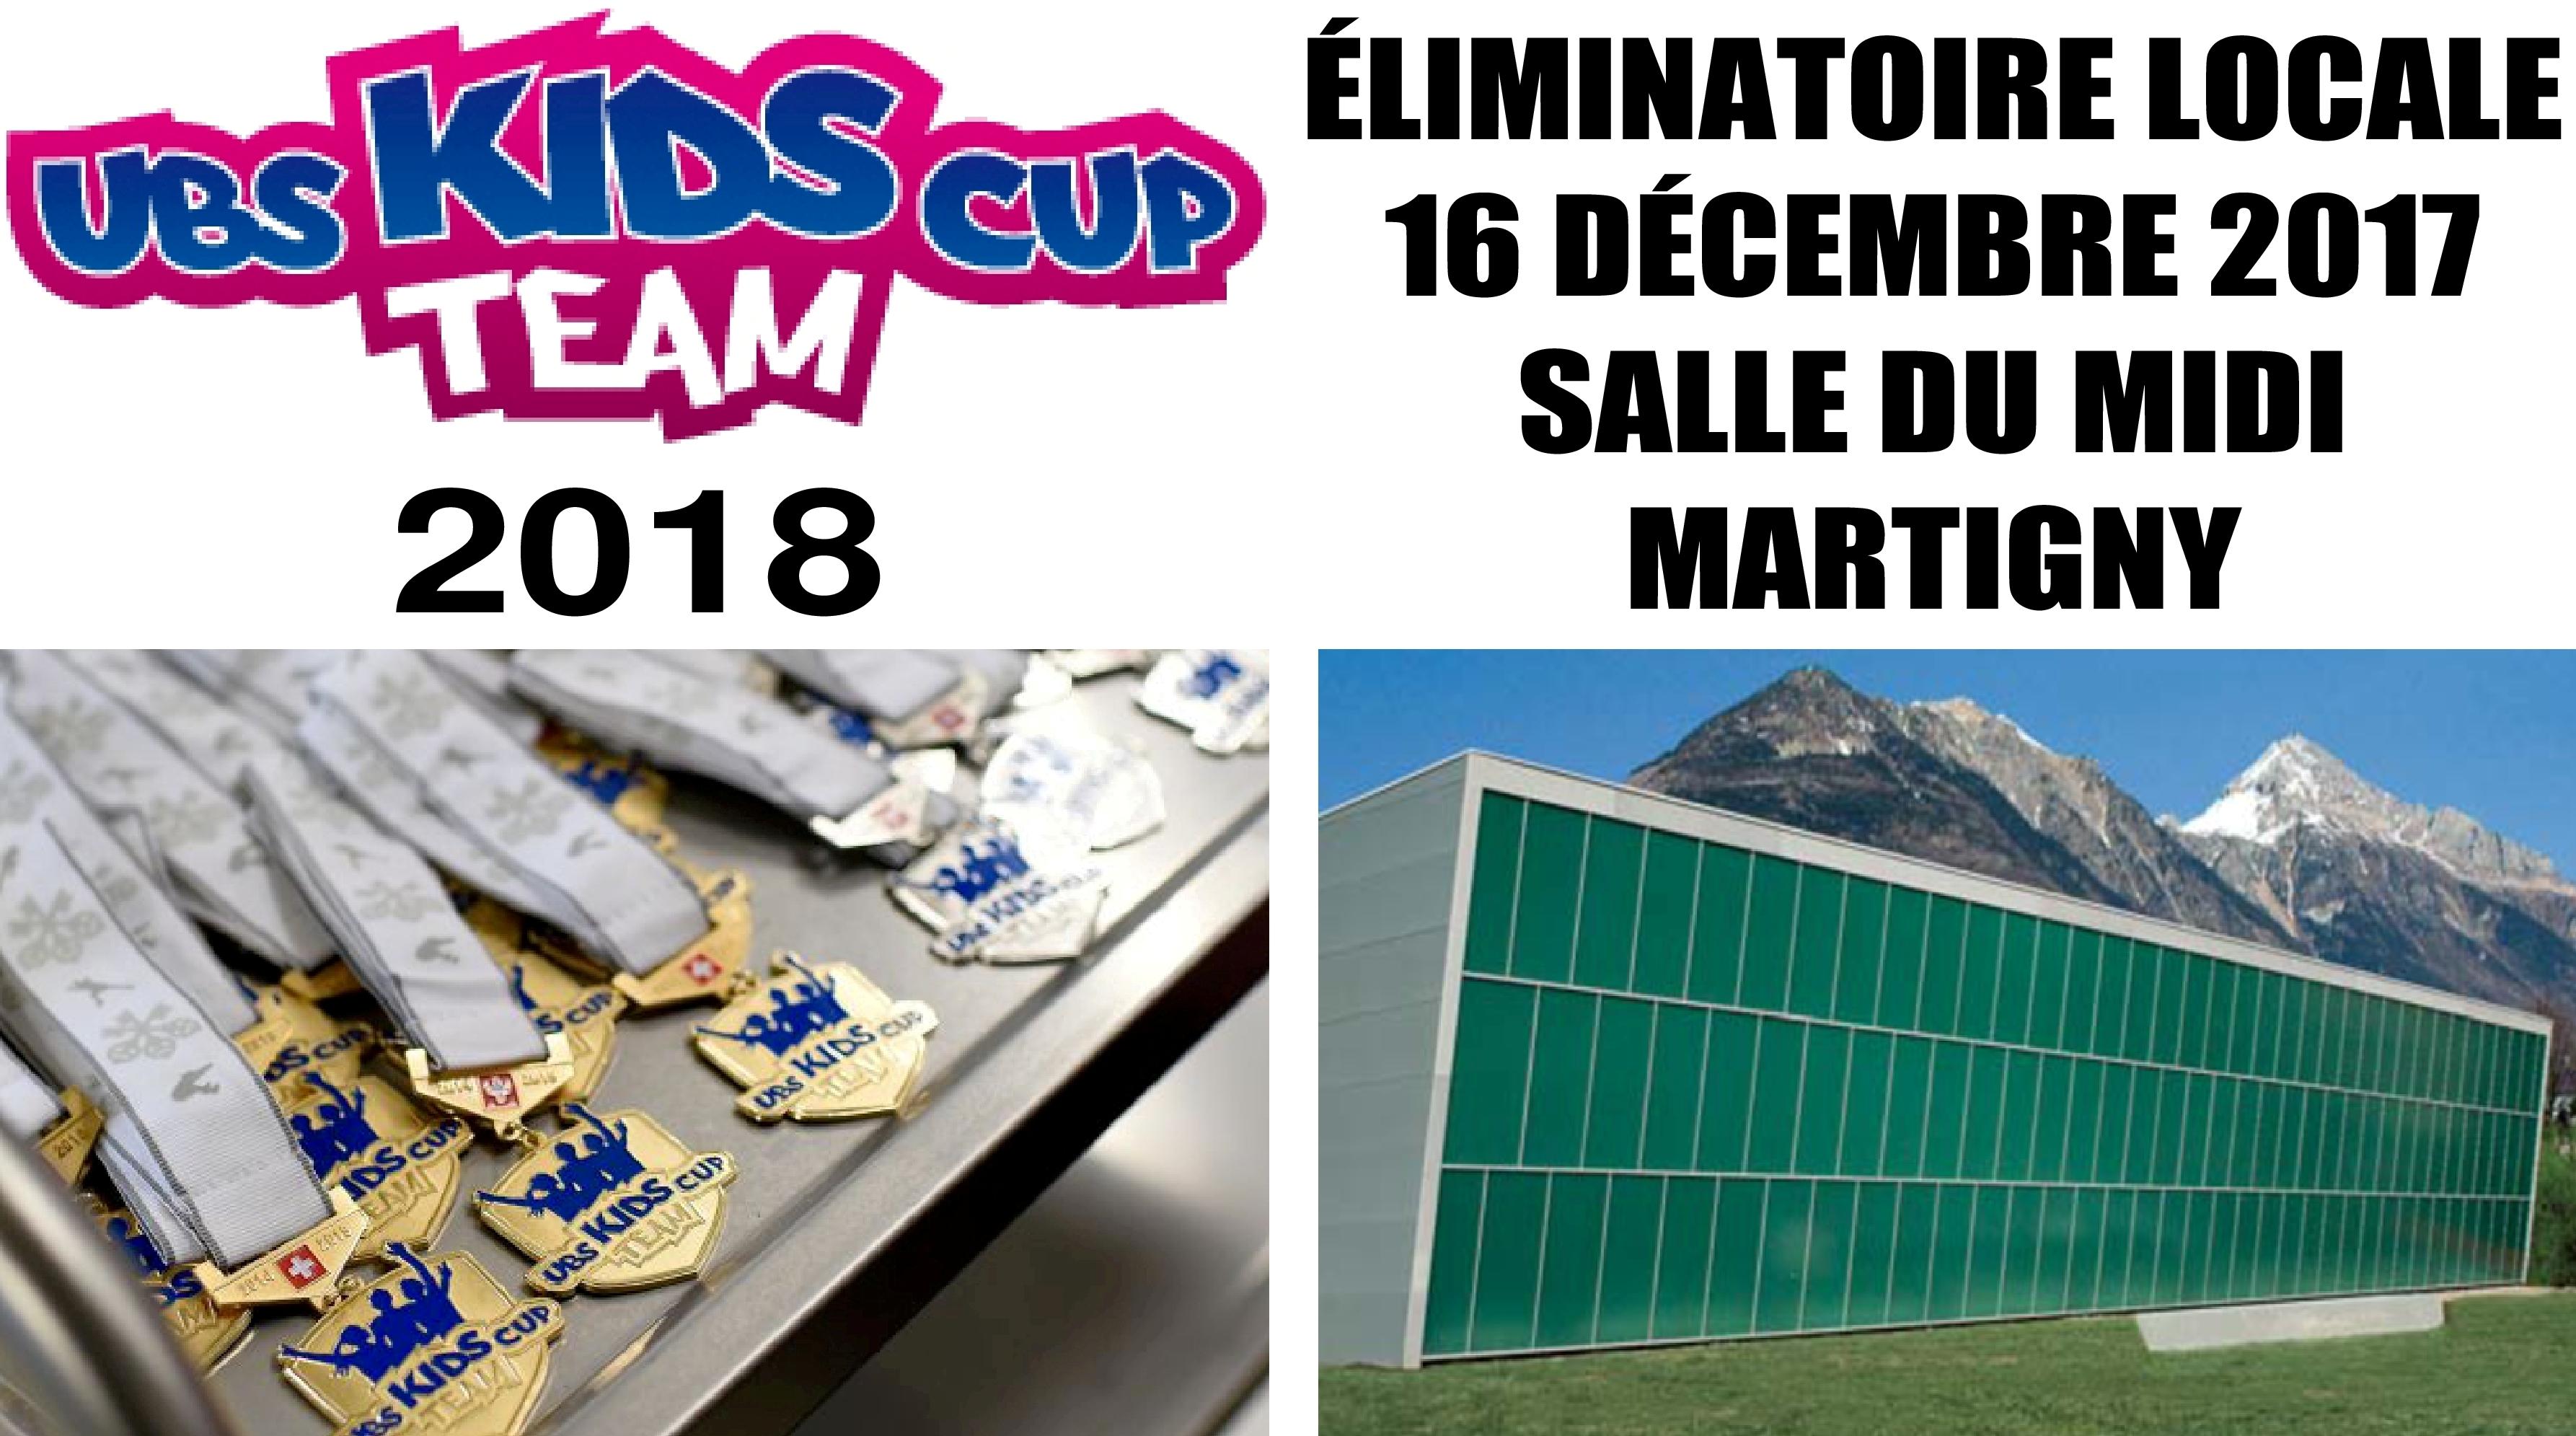 Eliminatoire UBS Kids Cup Team à Martigny